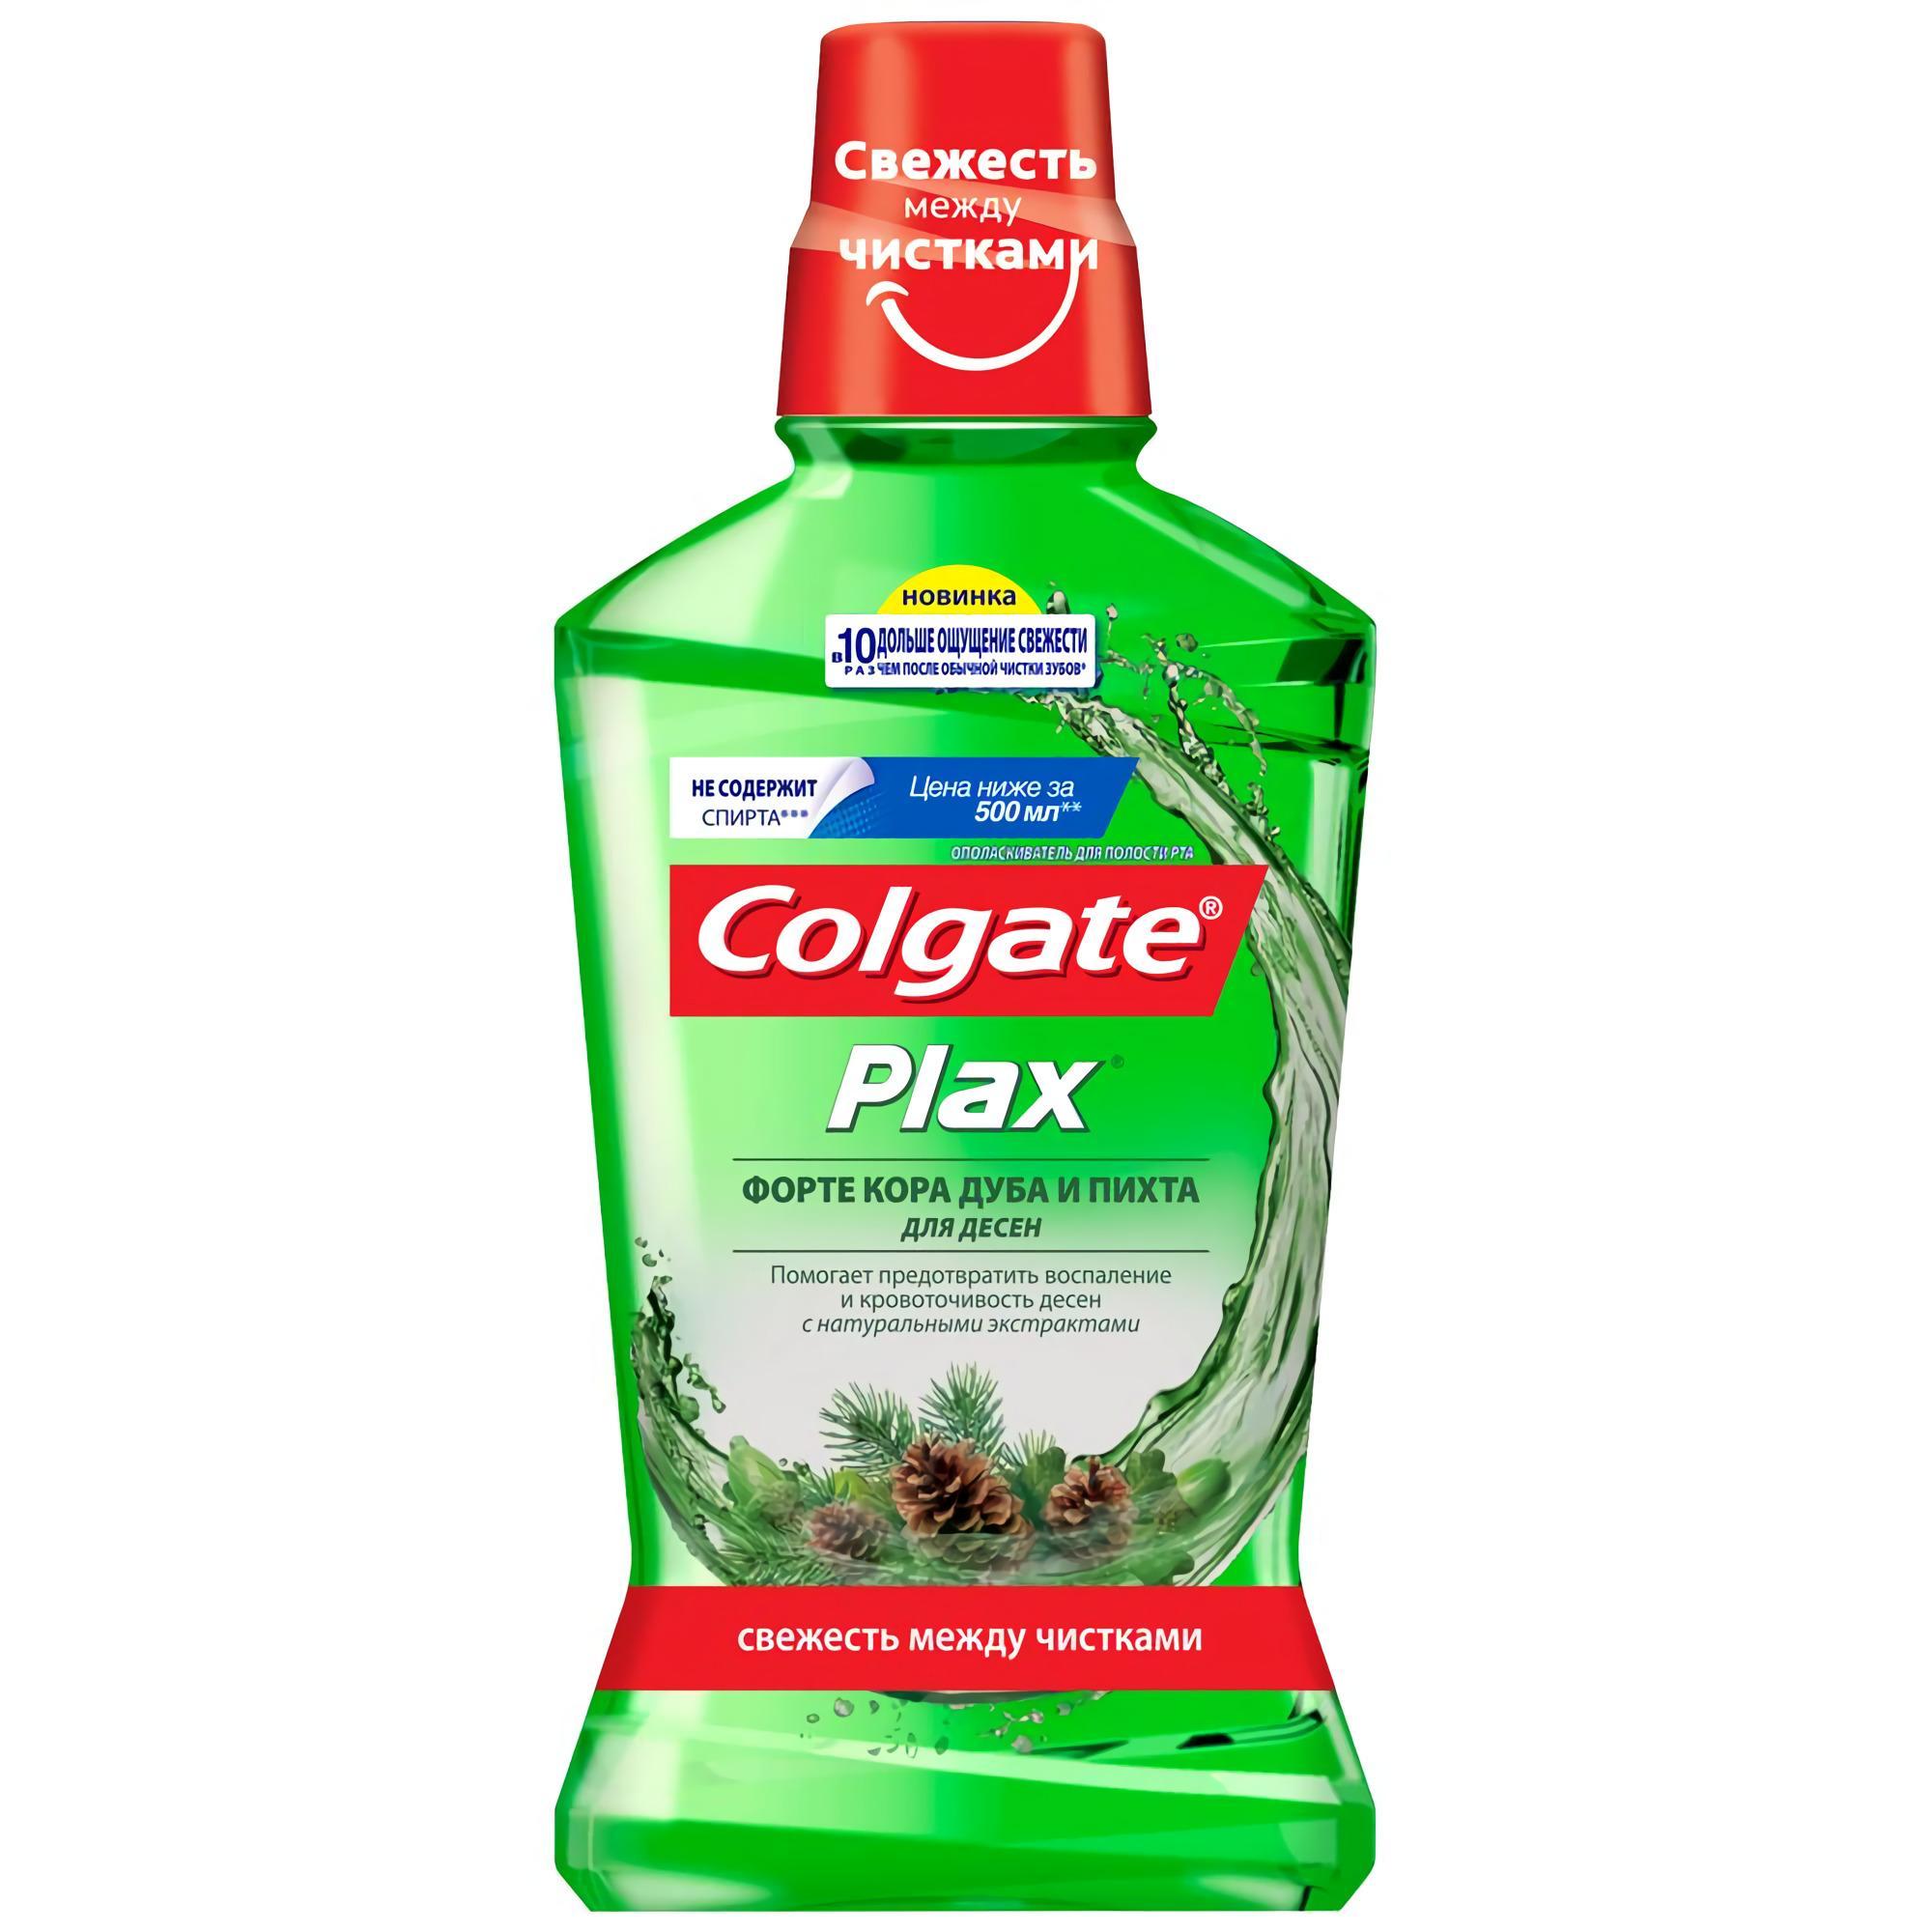 Colgate PLAX Forte Oak and Fir Bark.jpeg